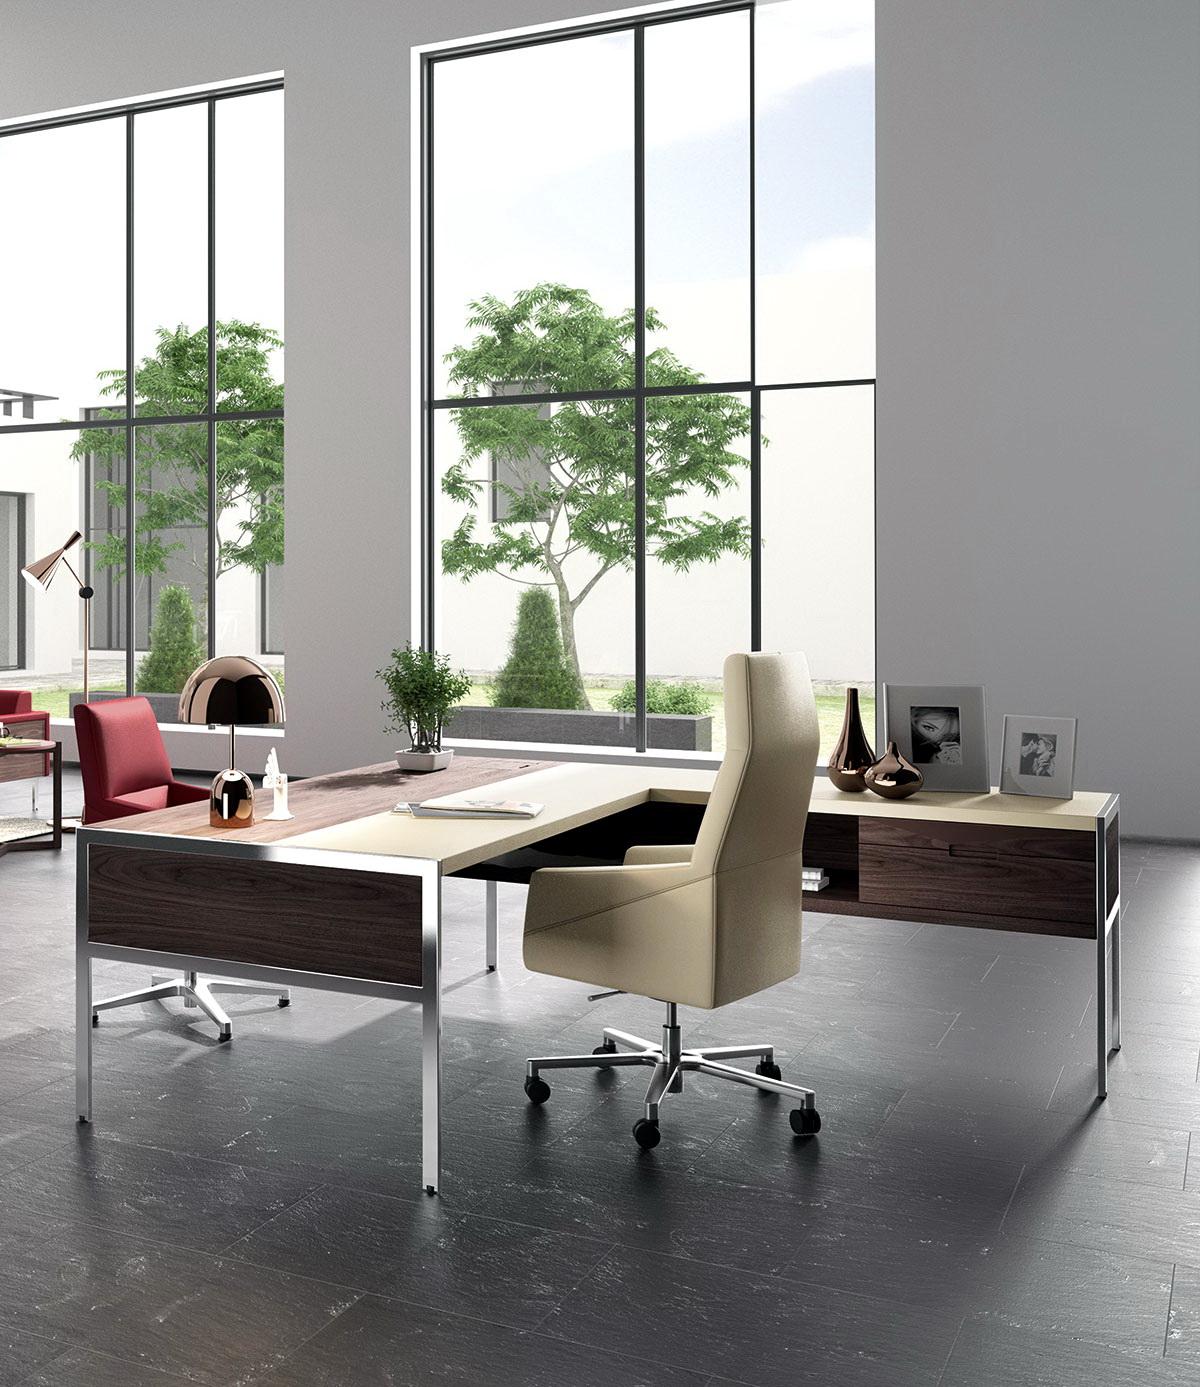 Gallery despacho by ofifran muebles anto n for Muebles despacho baratos